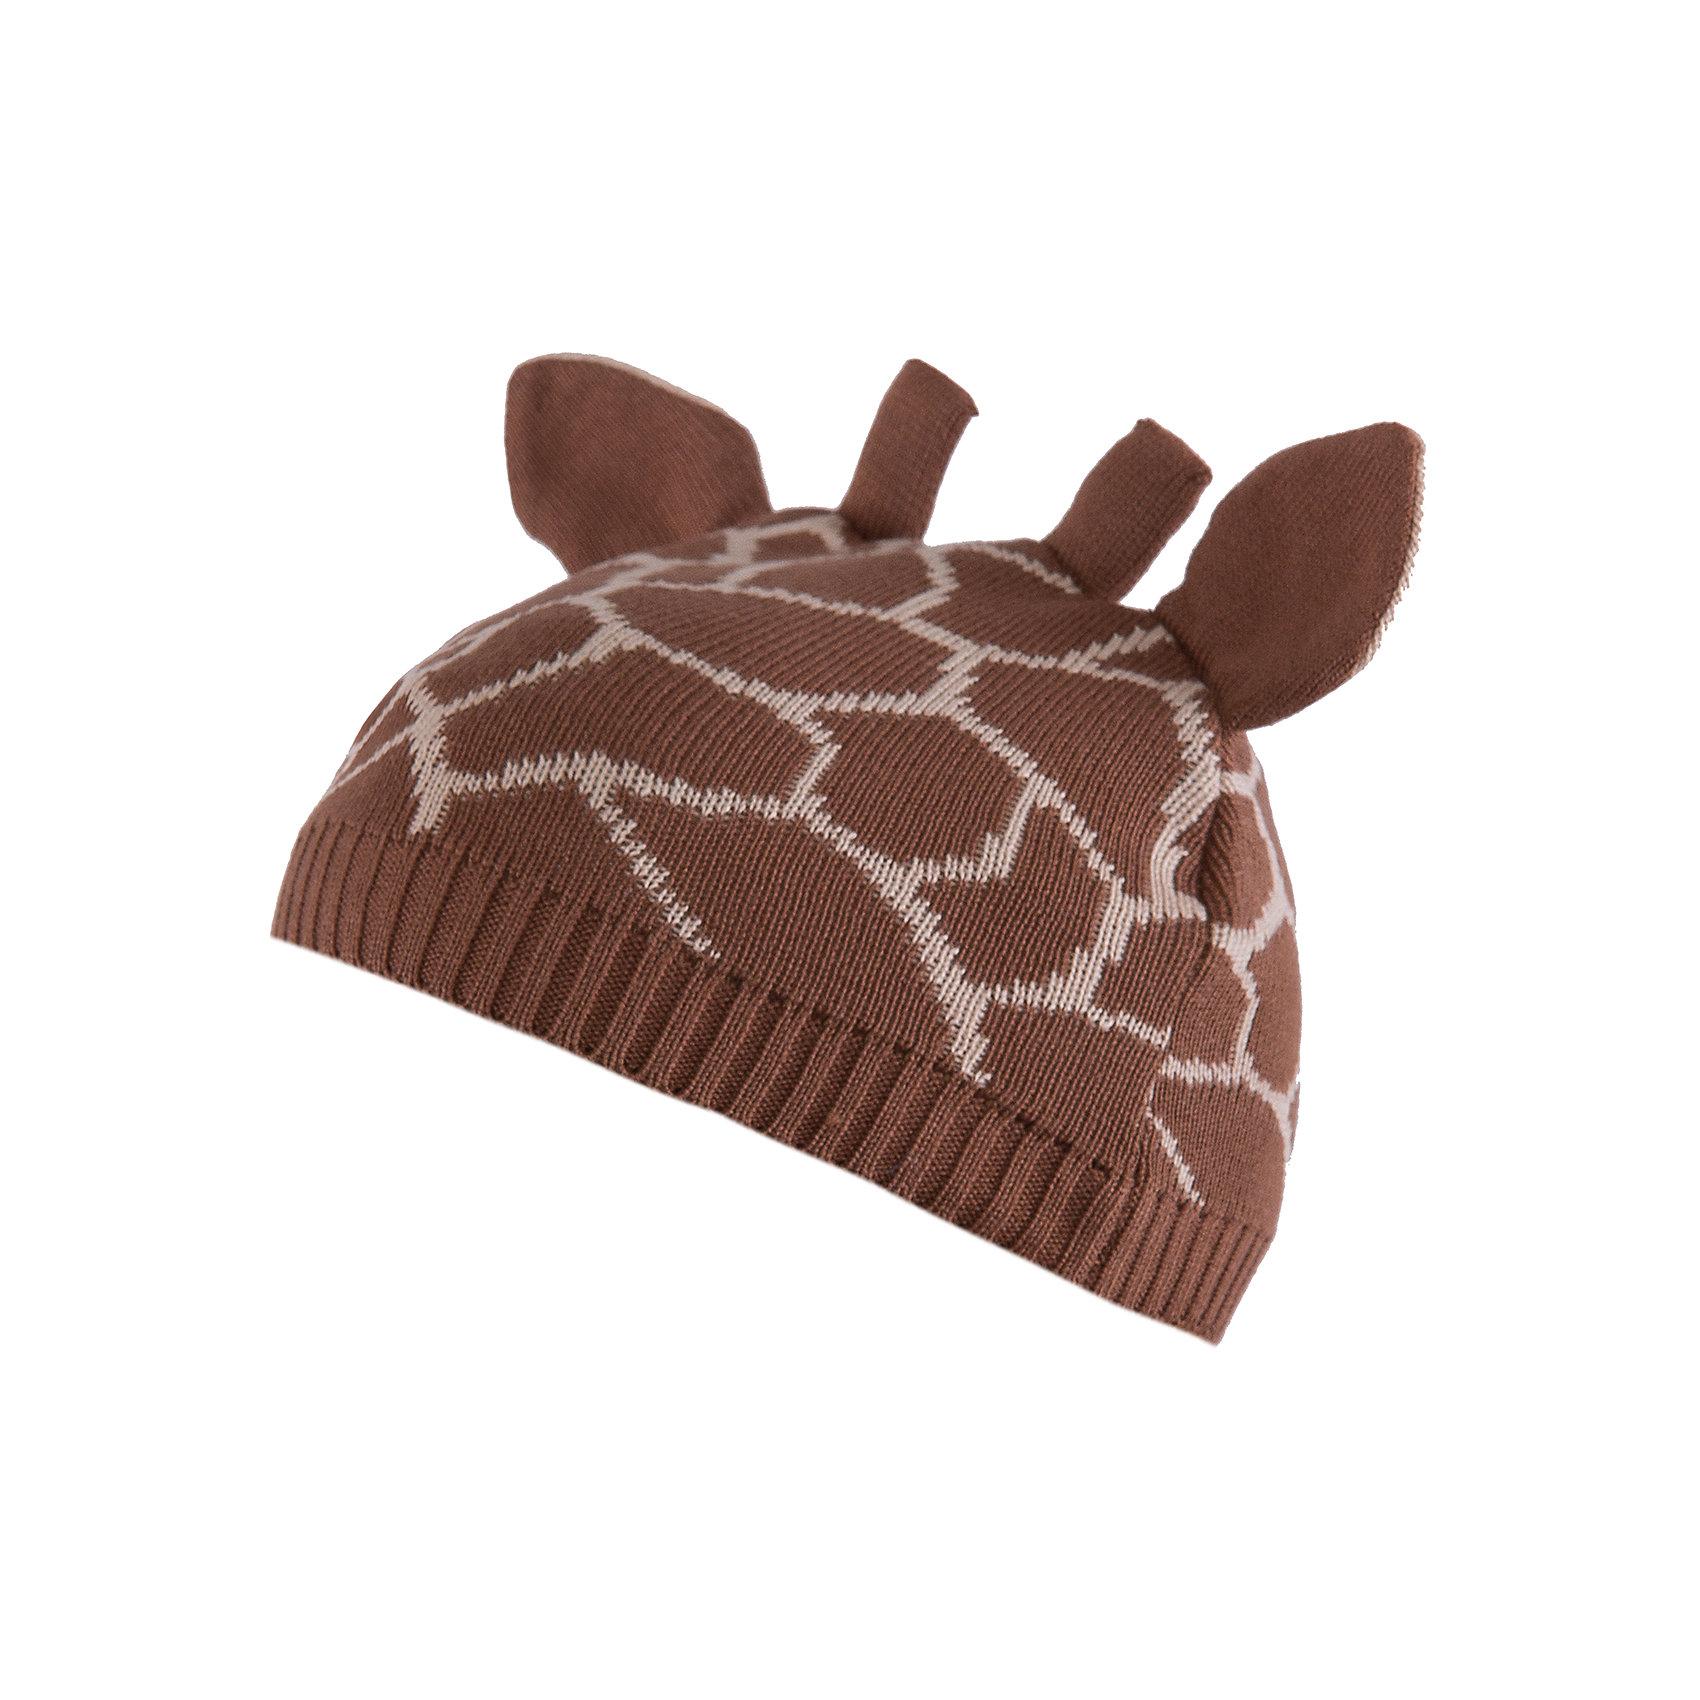 Шапка АртельШапка от торговой марки Артель <br><br>Мягкая теплая шапка отлично смотрится на детях и комфортно сидит. Оригинальный дизайн делает ребенка еще более милым. Изделие выполнено из качественных материалов.<br>Одежда от бренда Артель – это высокое качество по приемлемой цене и всегда продуманный дизайн. <br><br>Особенности модели: <br>- цвет — коричневый; <br>- украшена рожками ушками как у жирафа и соответствующим принтом; <br>- натуральный хлопок с добавкой пана. <br><br>Дополнительная информация: <br><br>Состав: верх - 50% хлопок, 50% пан;<br>Подкладка - 100% хлопок.<br><br>Температурный режим: <br>от -10 °C до +10 °C <br><br>Шапку Артель (Artel) можно купить в нашем магазине.<br><br>Ширина мм: 89<br>Глубина мм: 117<br>Высота мм: 44<br>Вес г: 155<br>Цвет: коричневый<br>Возраст от месяцев: 4<br>Возраст до месяцев: 6<br>Пол: Унисекс<br>Возраст: Детский<br>Размер: 46,44,48,50,52<br>SKU: 4500703